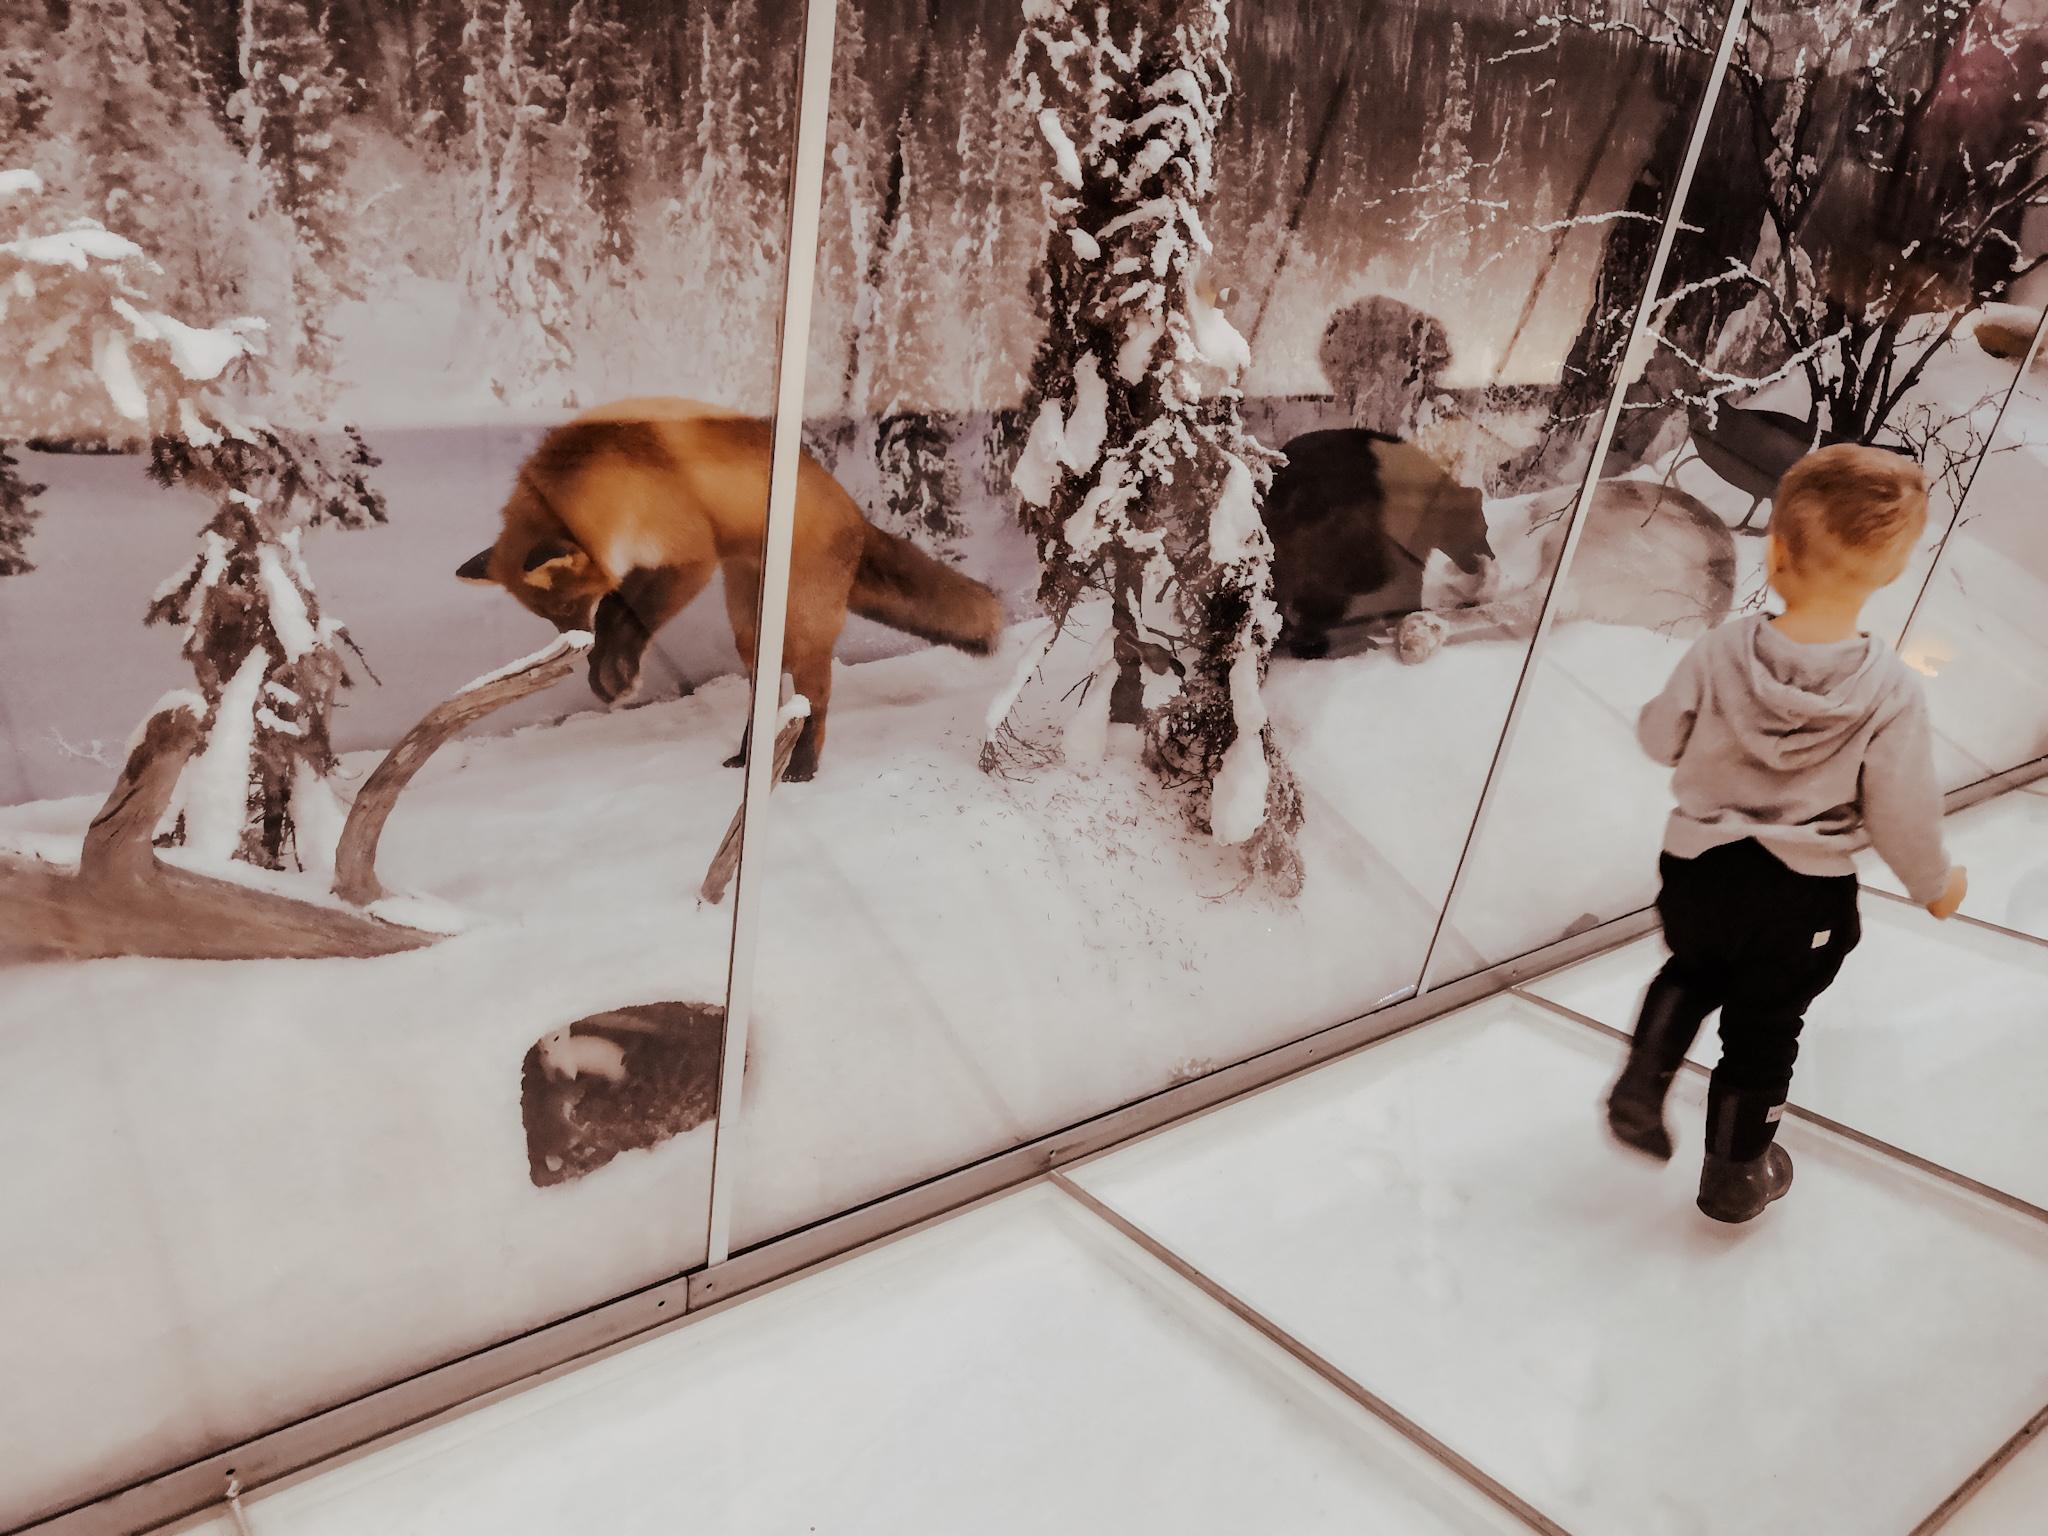 suomen luontokeskus haltia tekemistä lapsille